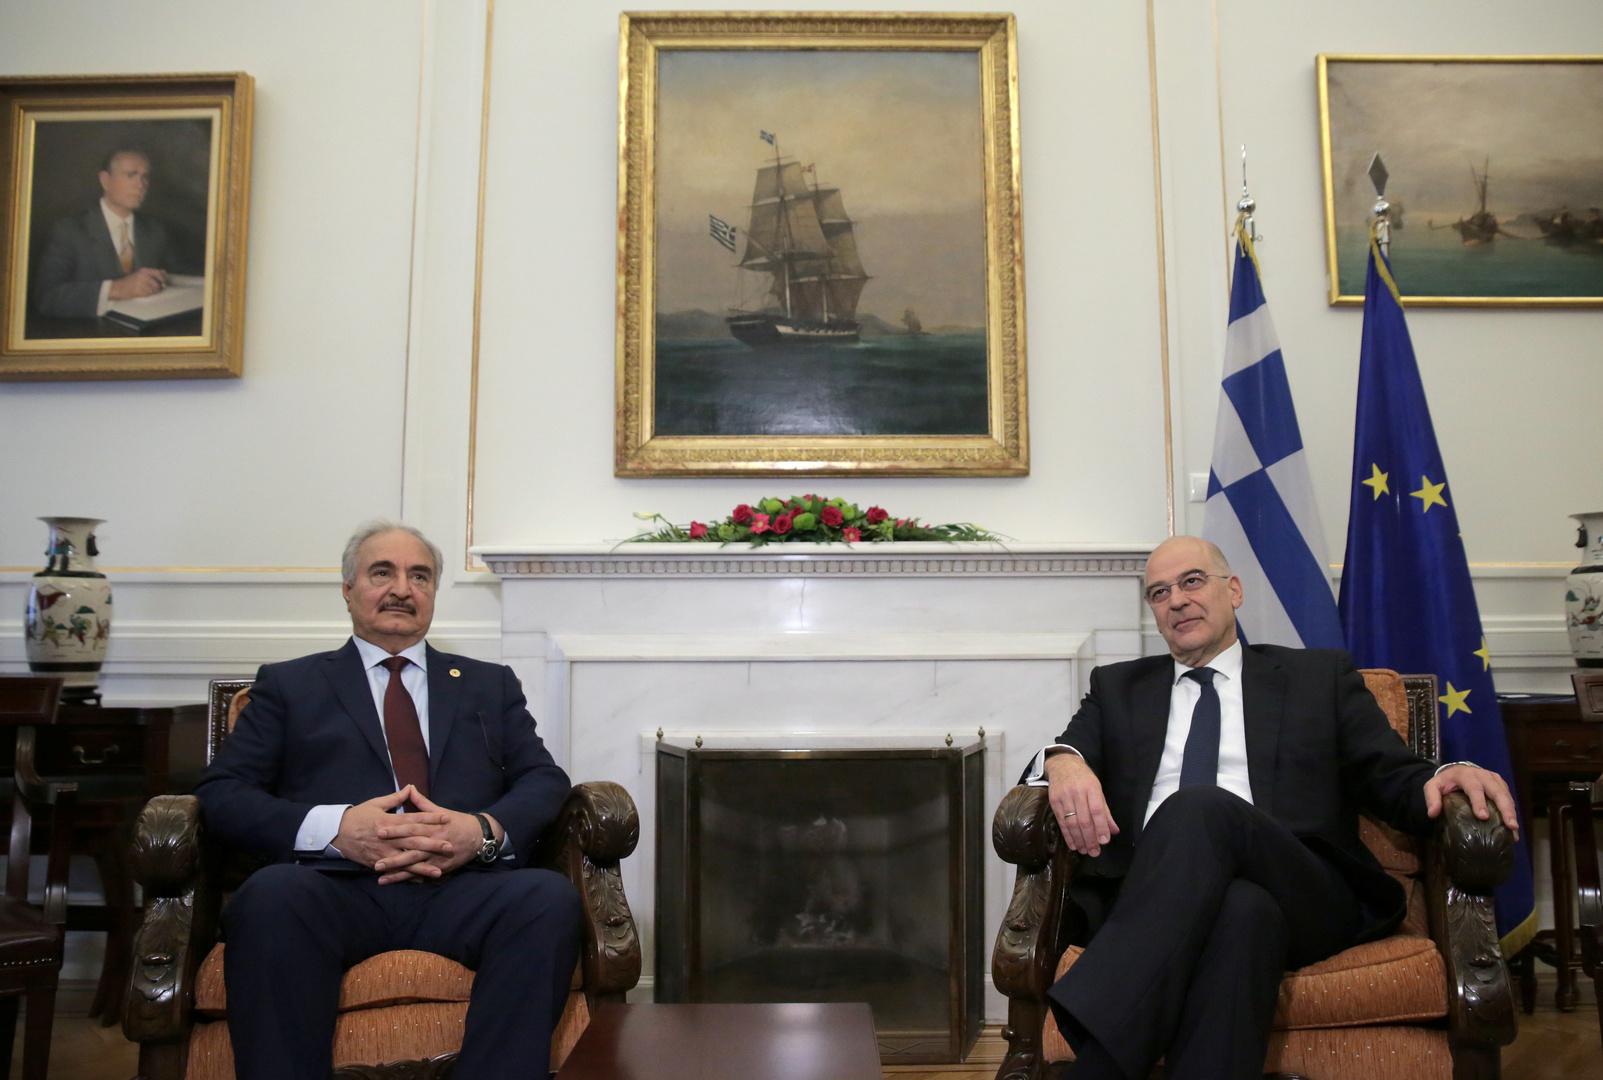 اليونان تحثّ حفتر على اتخاذ موقف بناء في برلين